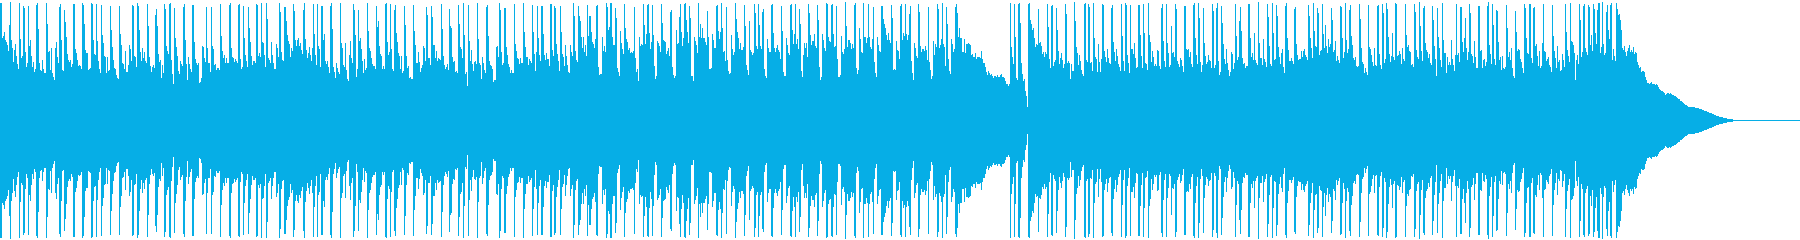 ドライブ感のあるハードロックの再生済みの波形